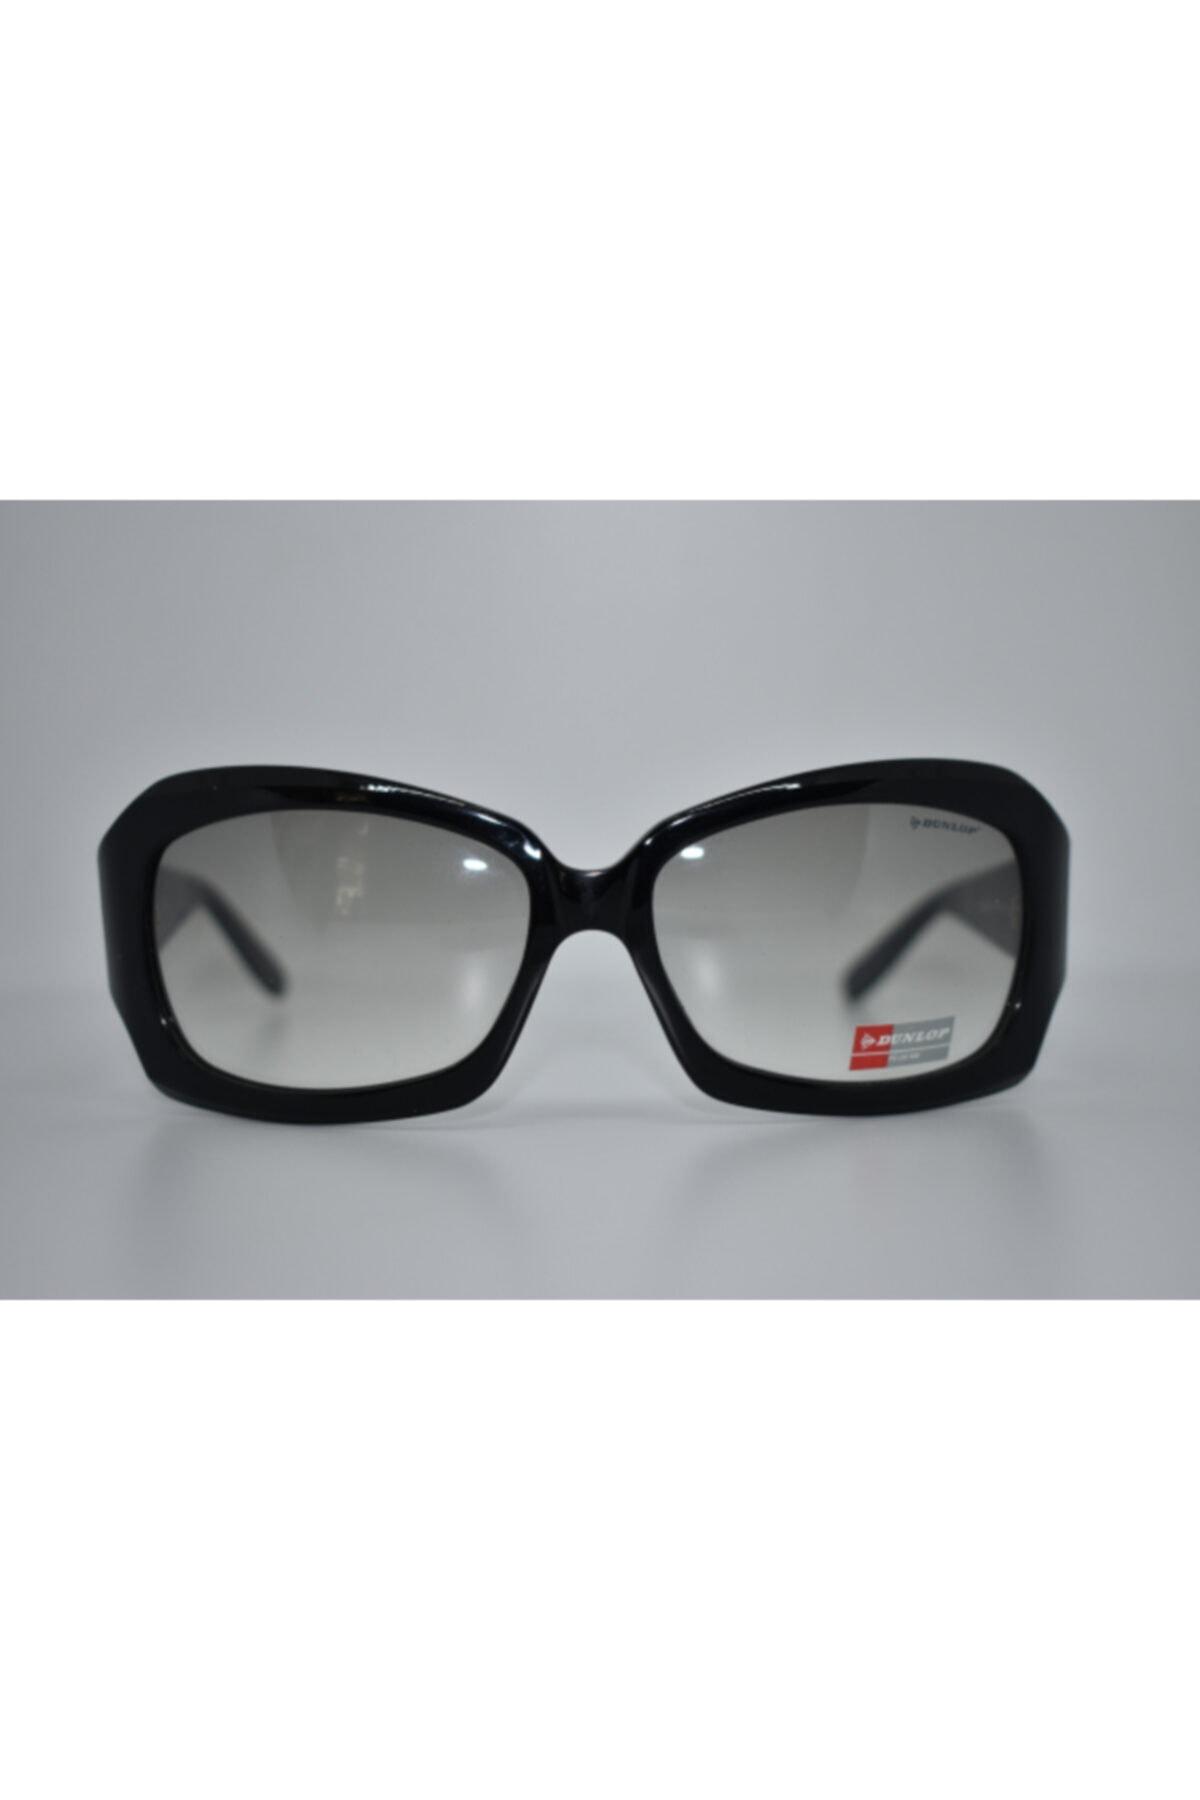 DUNLOP Kadın Güneş Gözlüğü Du1036 C1 1